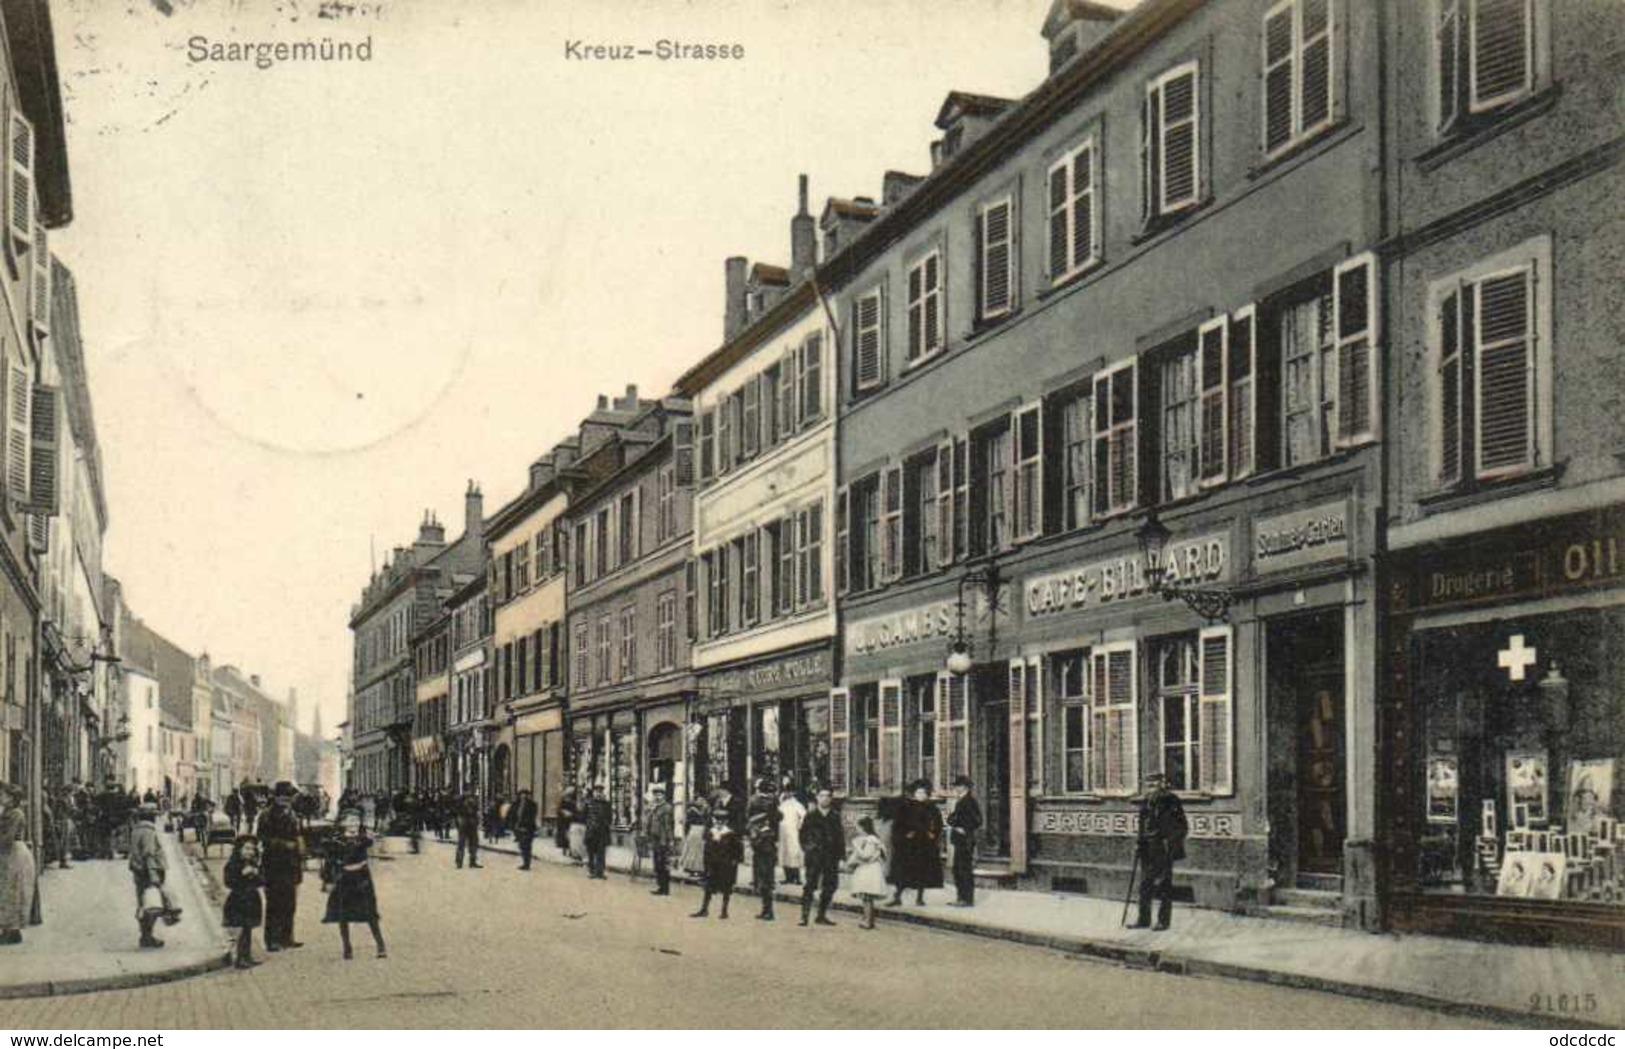 Saargemund Kreuz Strasse Commerces Personnages RV - Sarreguemines